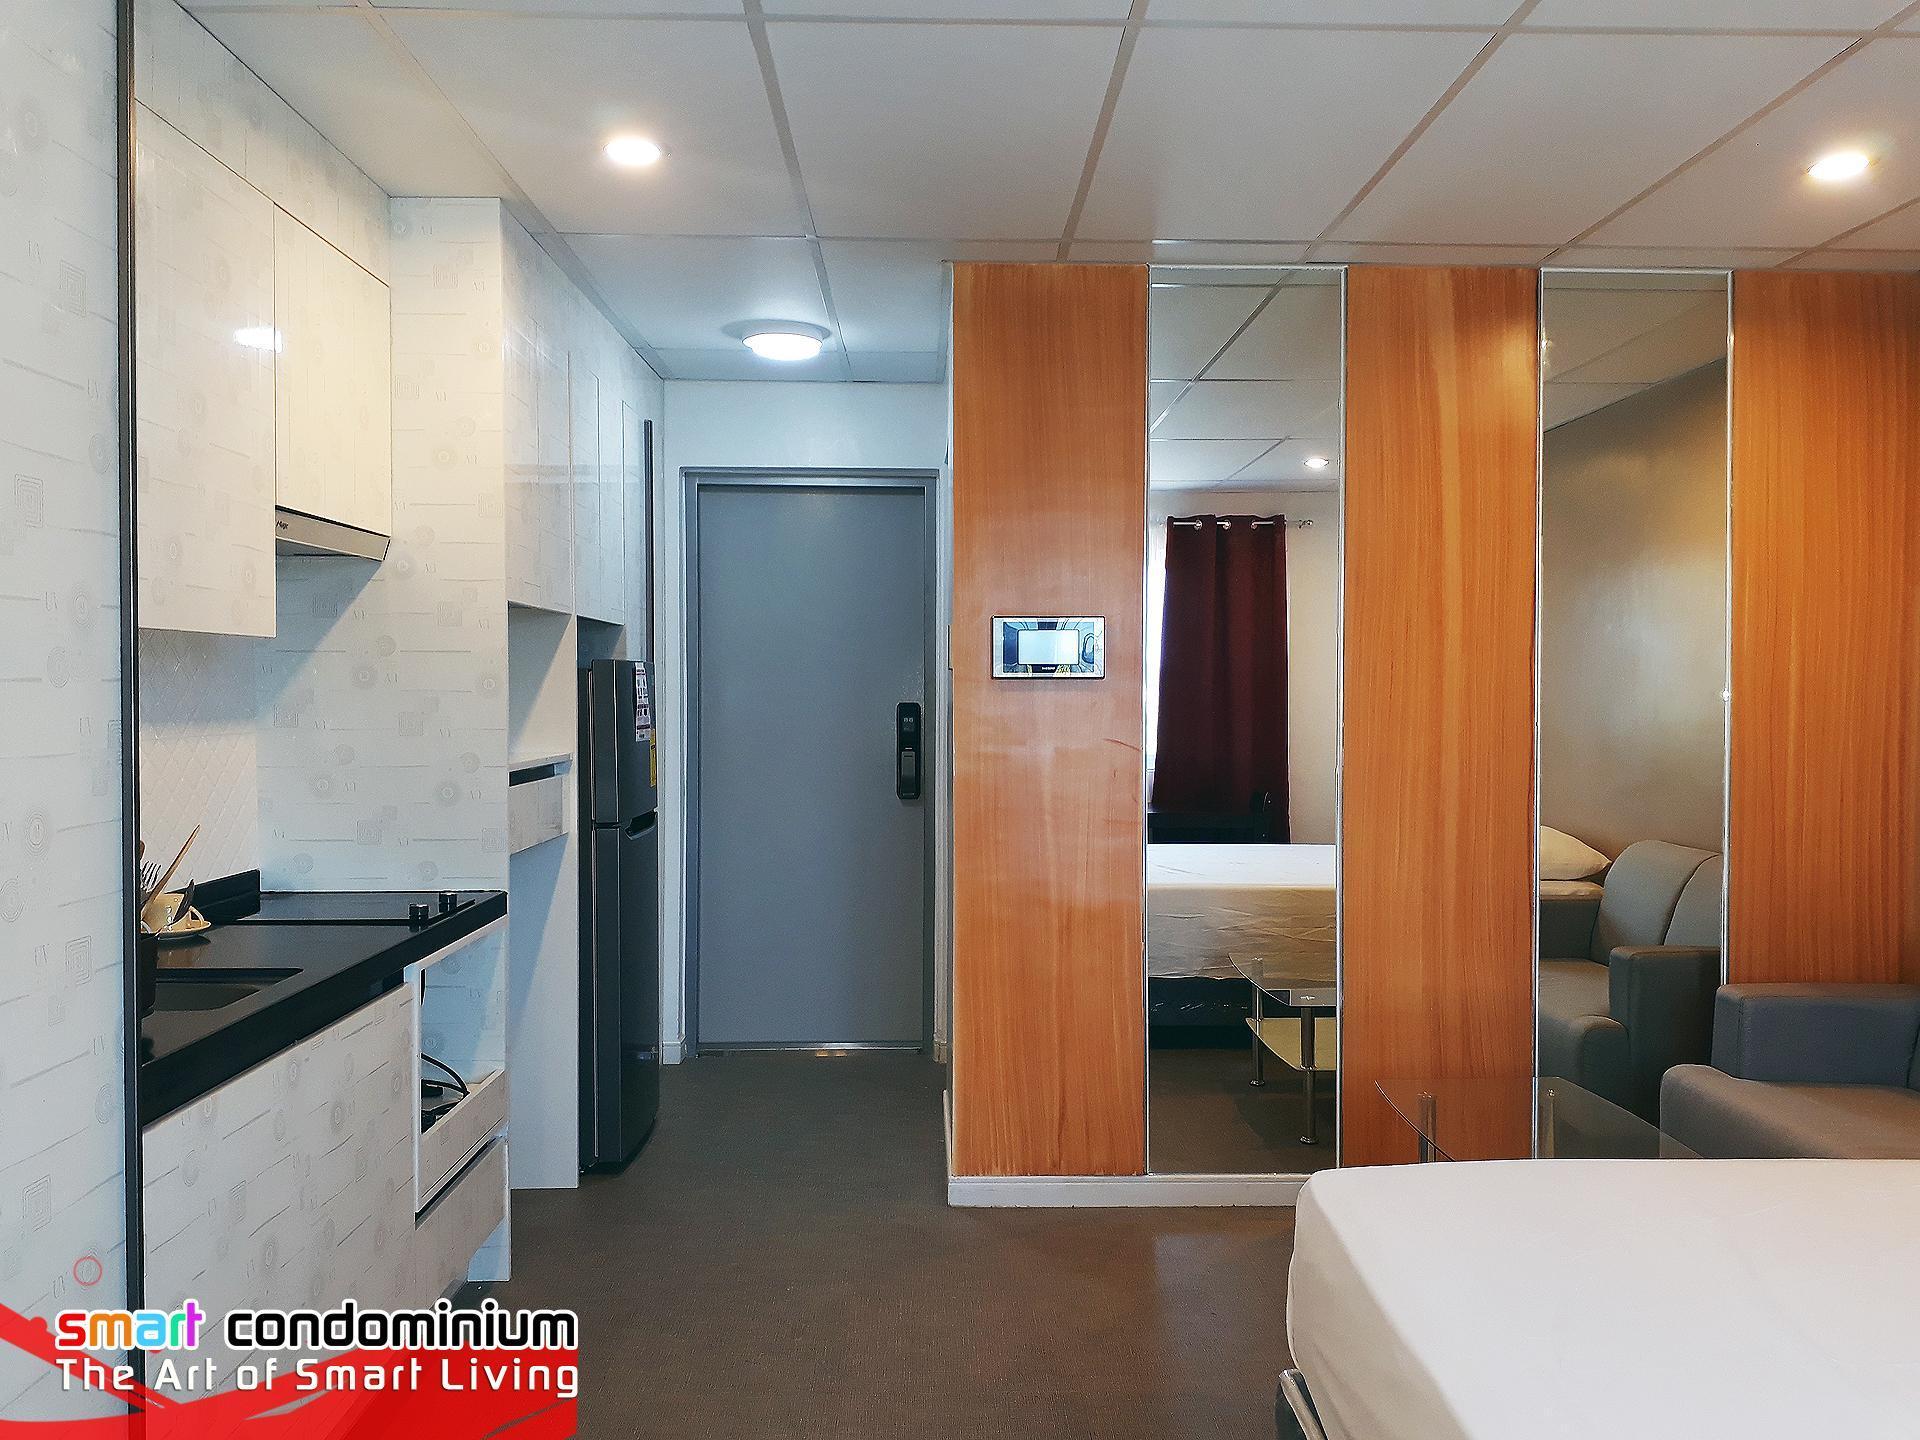 Smart Condominium   Studio 3   Cagayan De Oro